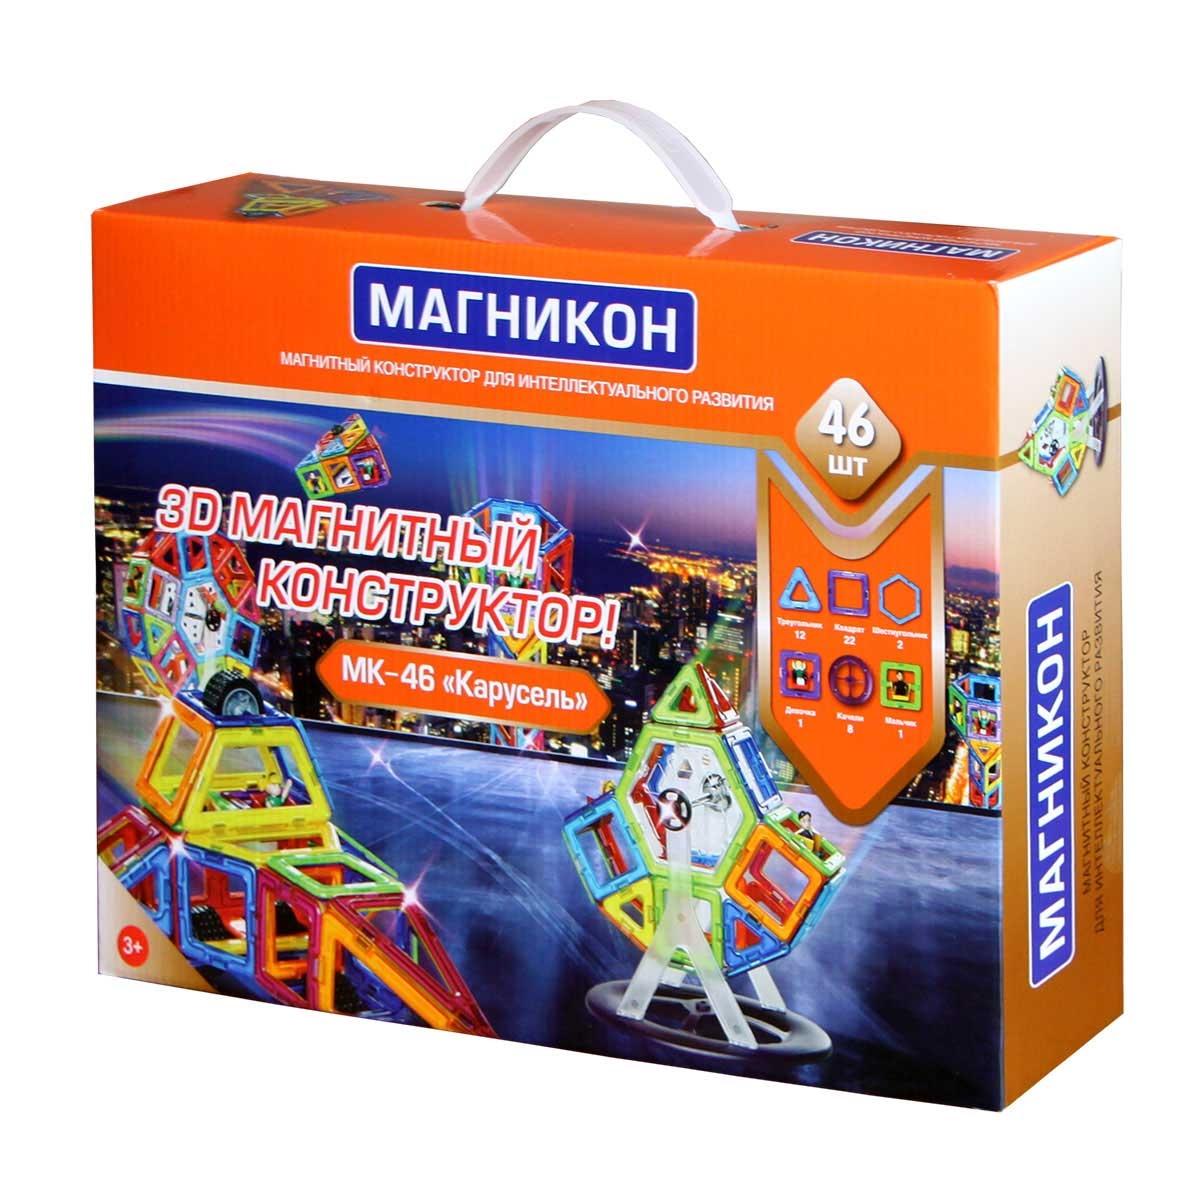 кукольные домики и мебель Конструкторы Магникон MK-46 Карусель